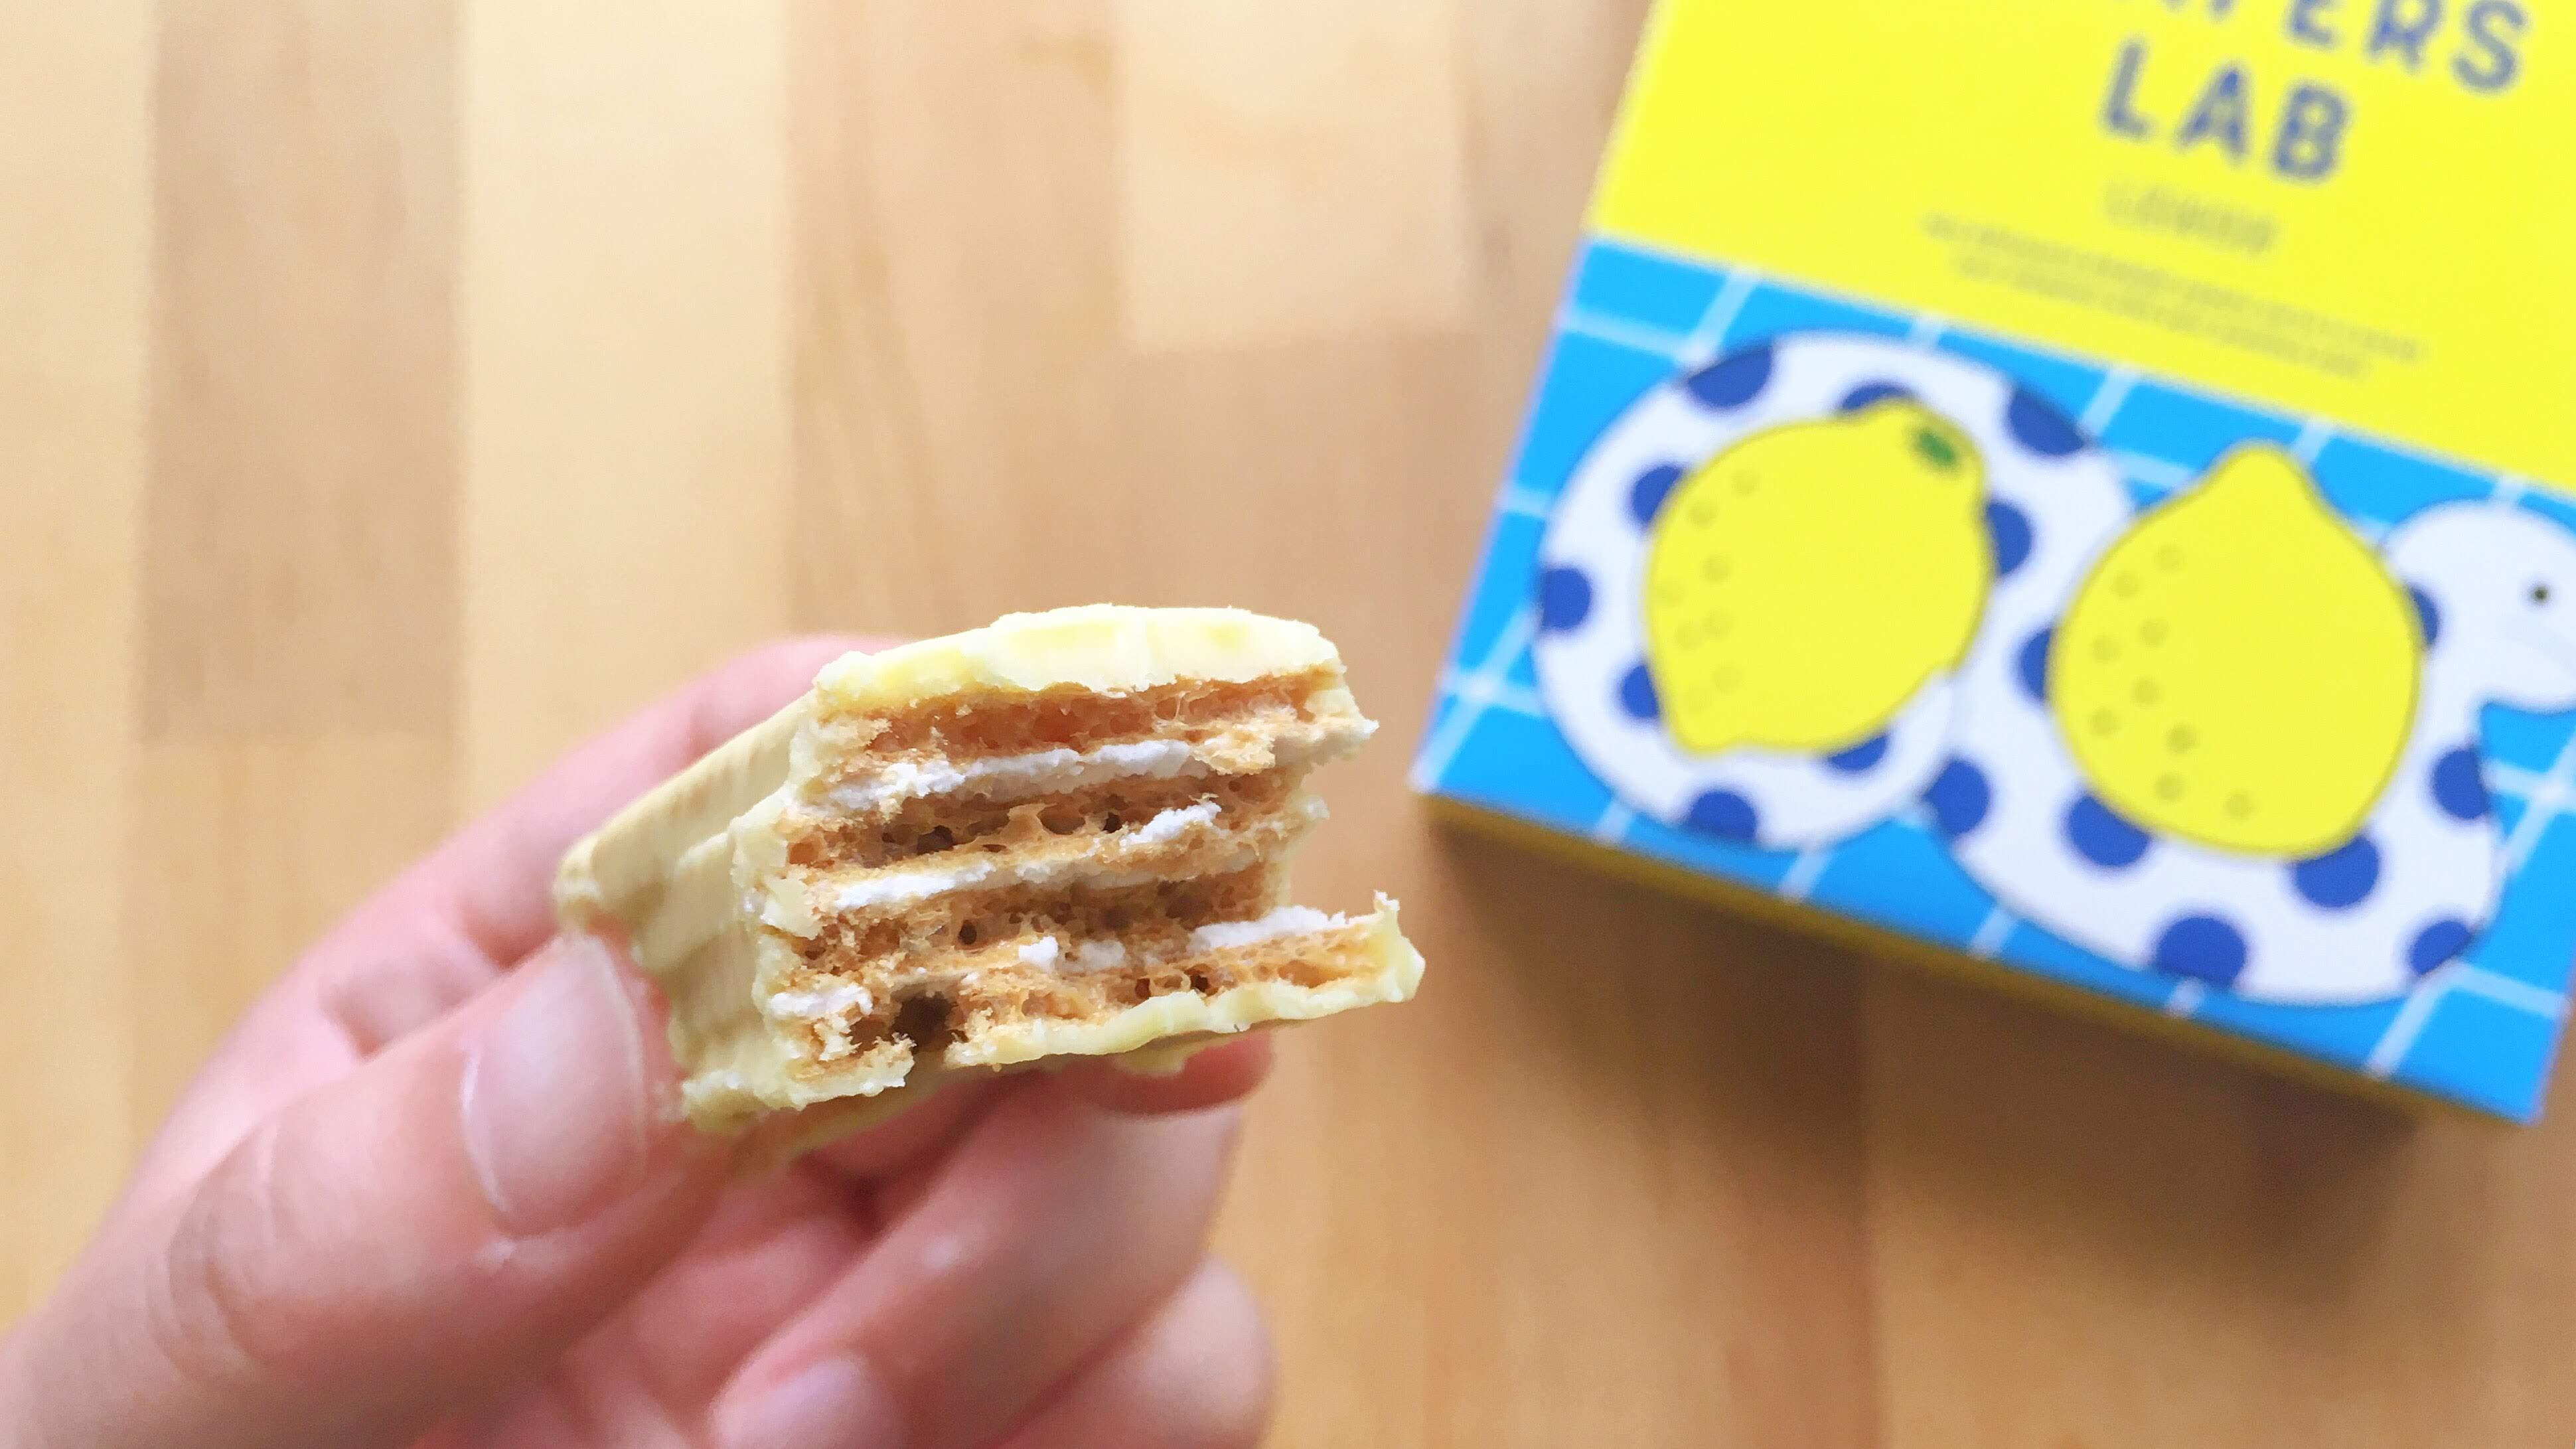 キハチのウエハースラボレモンの断面